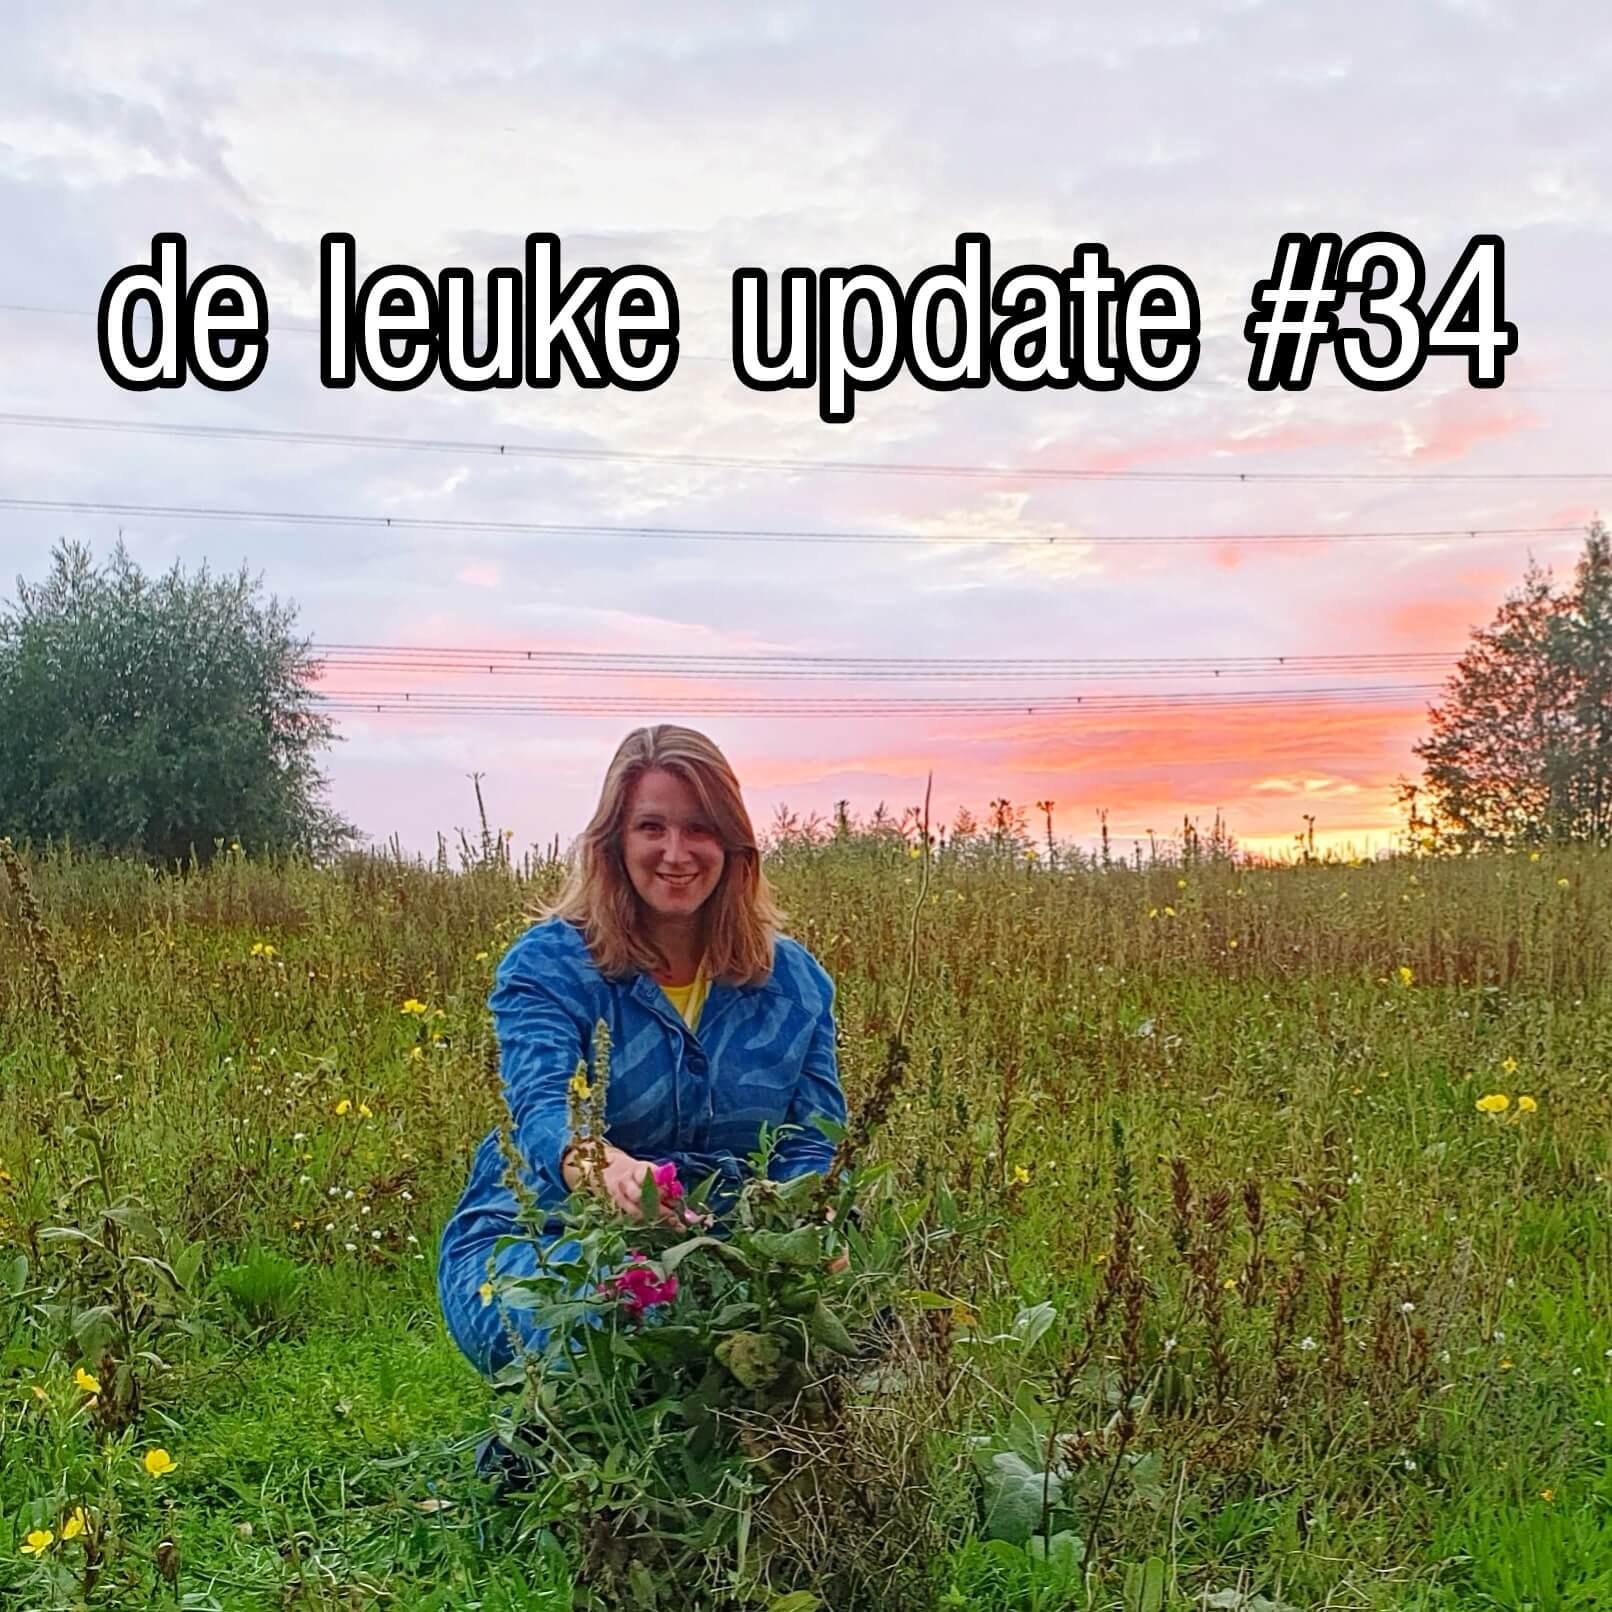 De Leuke Update #34 | nieuwtjes, ideeën, musthaves en uitjes voor kids